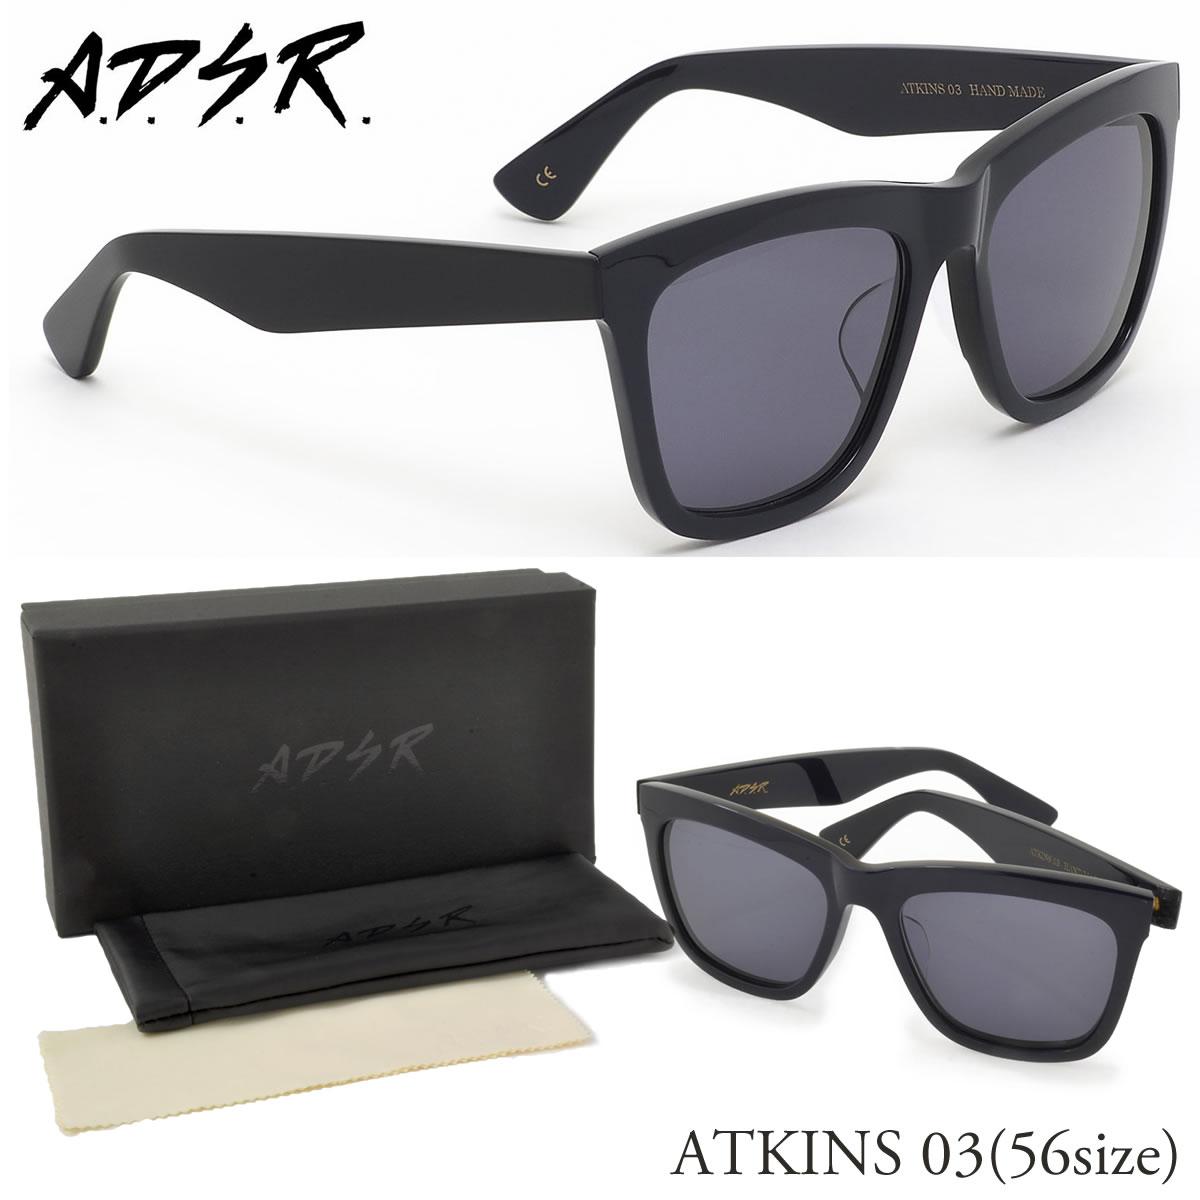 【10月30日からエントリーで全品ポイント20倍】【A.D.S.R.】 (エーディーエスアール) サングラスATKINS03 NV/BLK 56サイズA.D.S.R. ADSR メンズ レディース